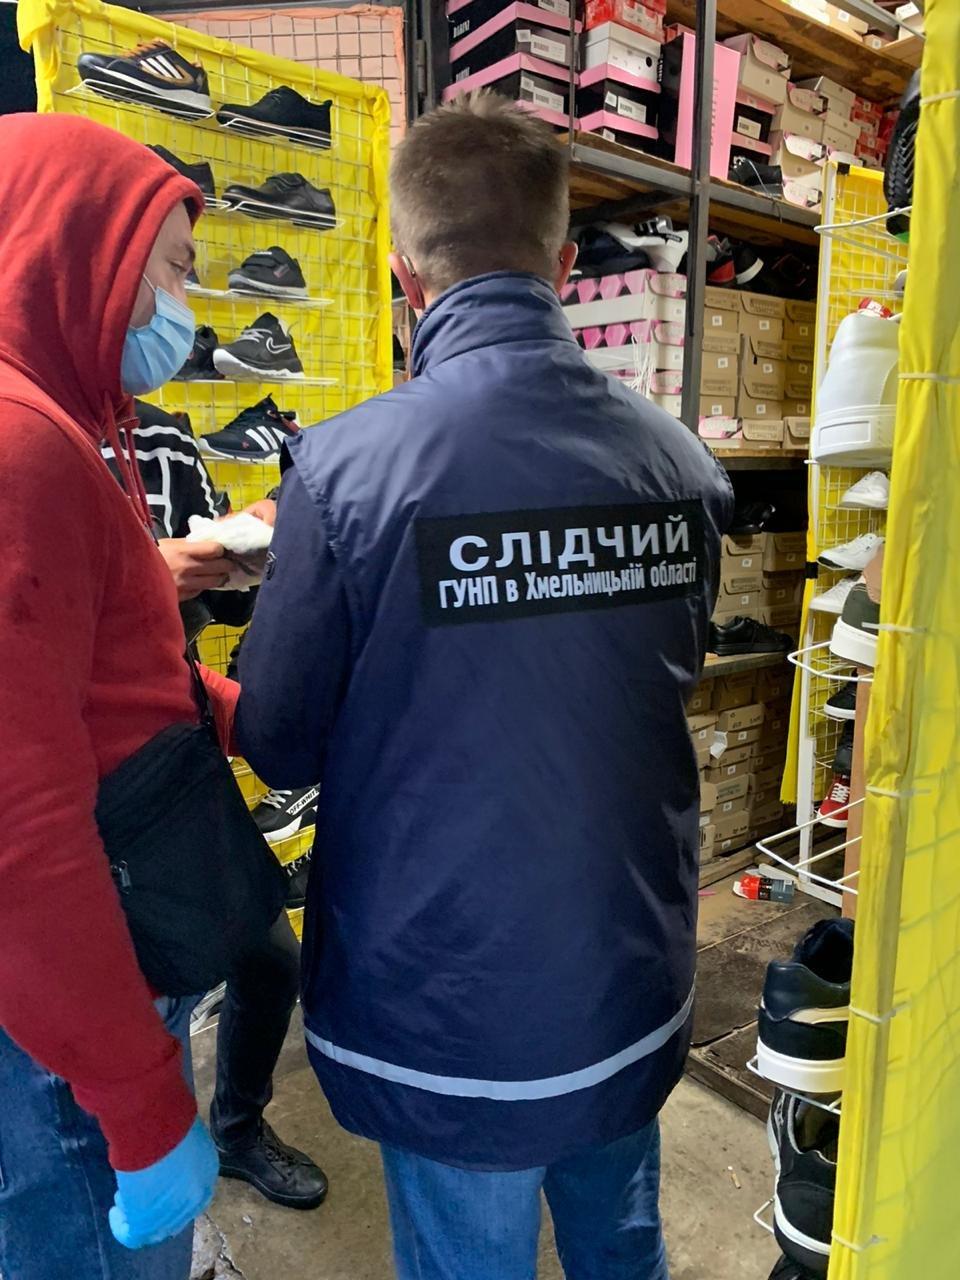 На Хмельниччині судитимуть учасників ОЗГ, які торгували підробками відомих спортивних брендів, фото-2